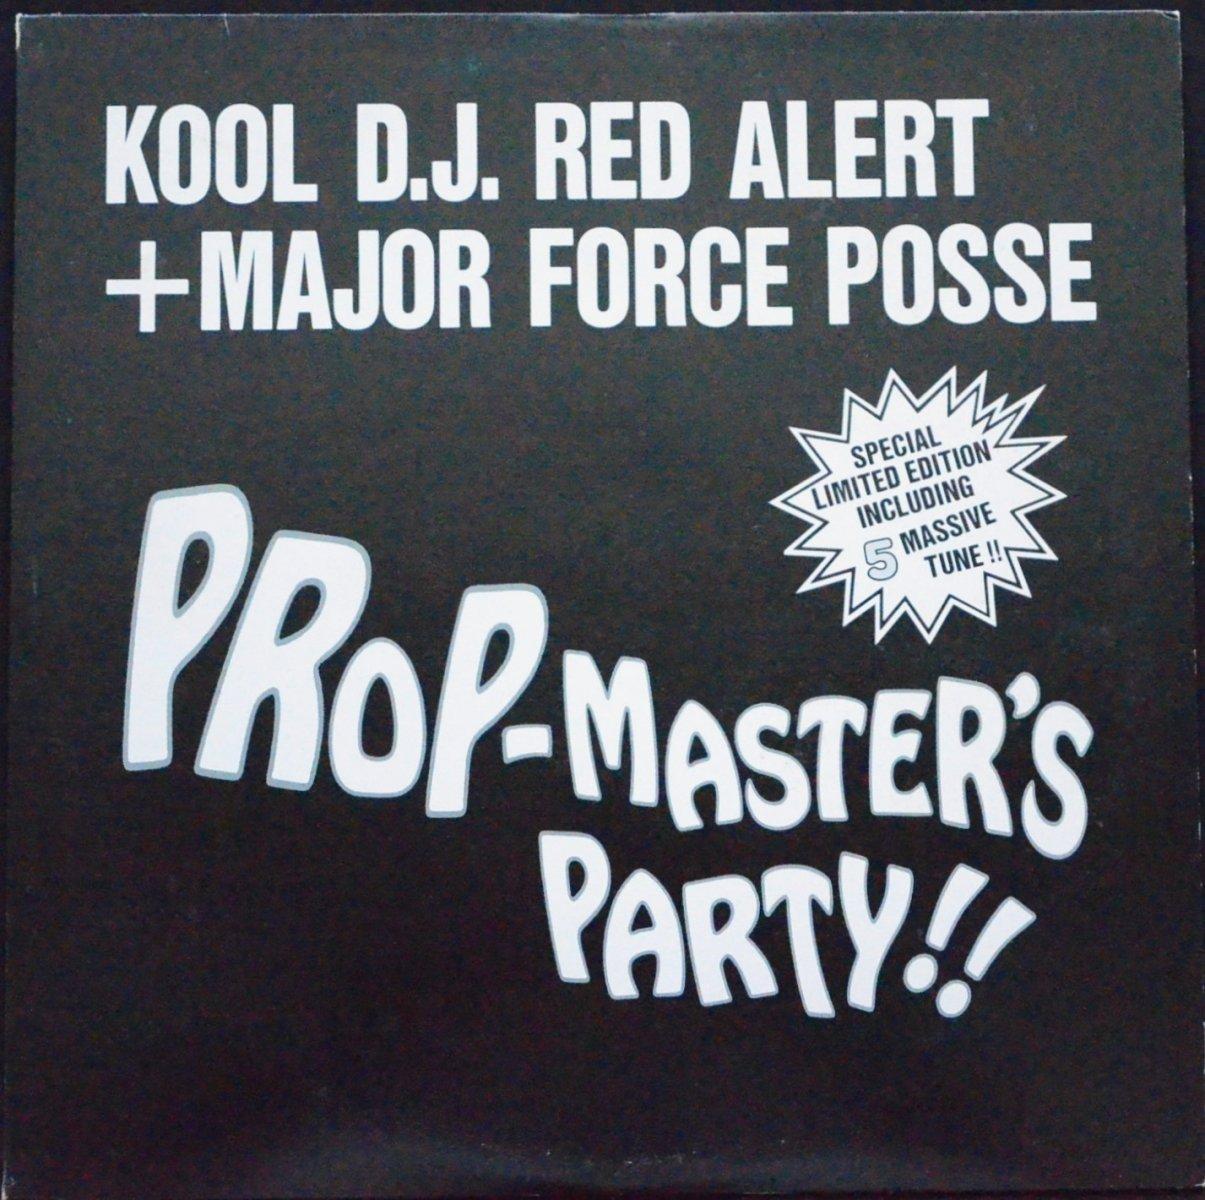 KOOL D.J. RED ALERT + MAJOR FORCE POSSE / PROP-MASTER'S PARTY!! (12